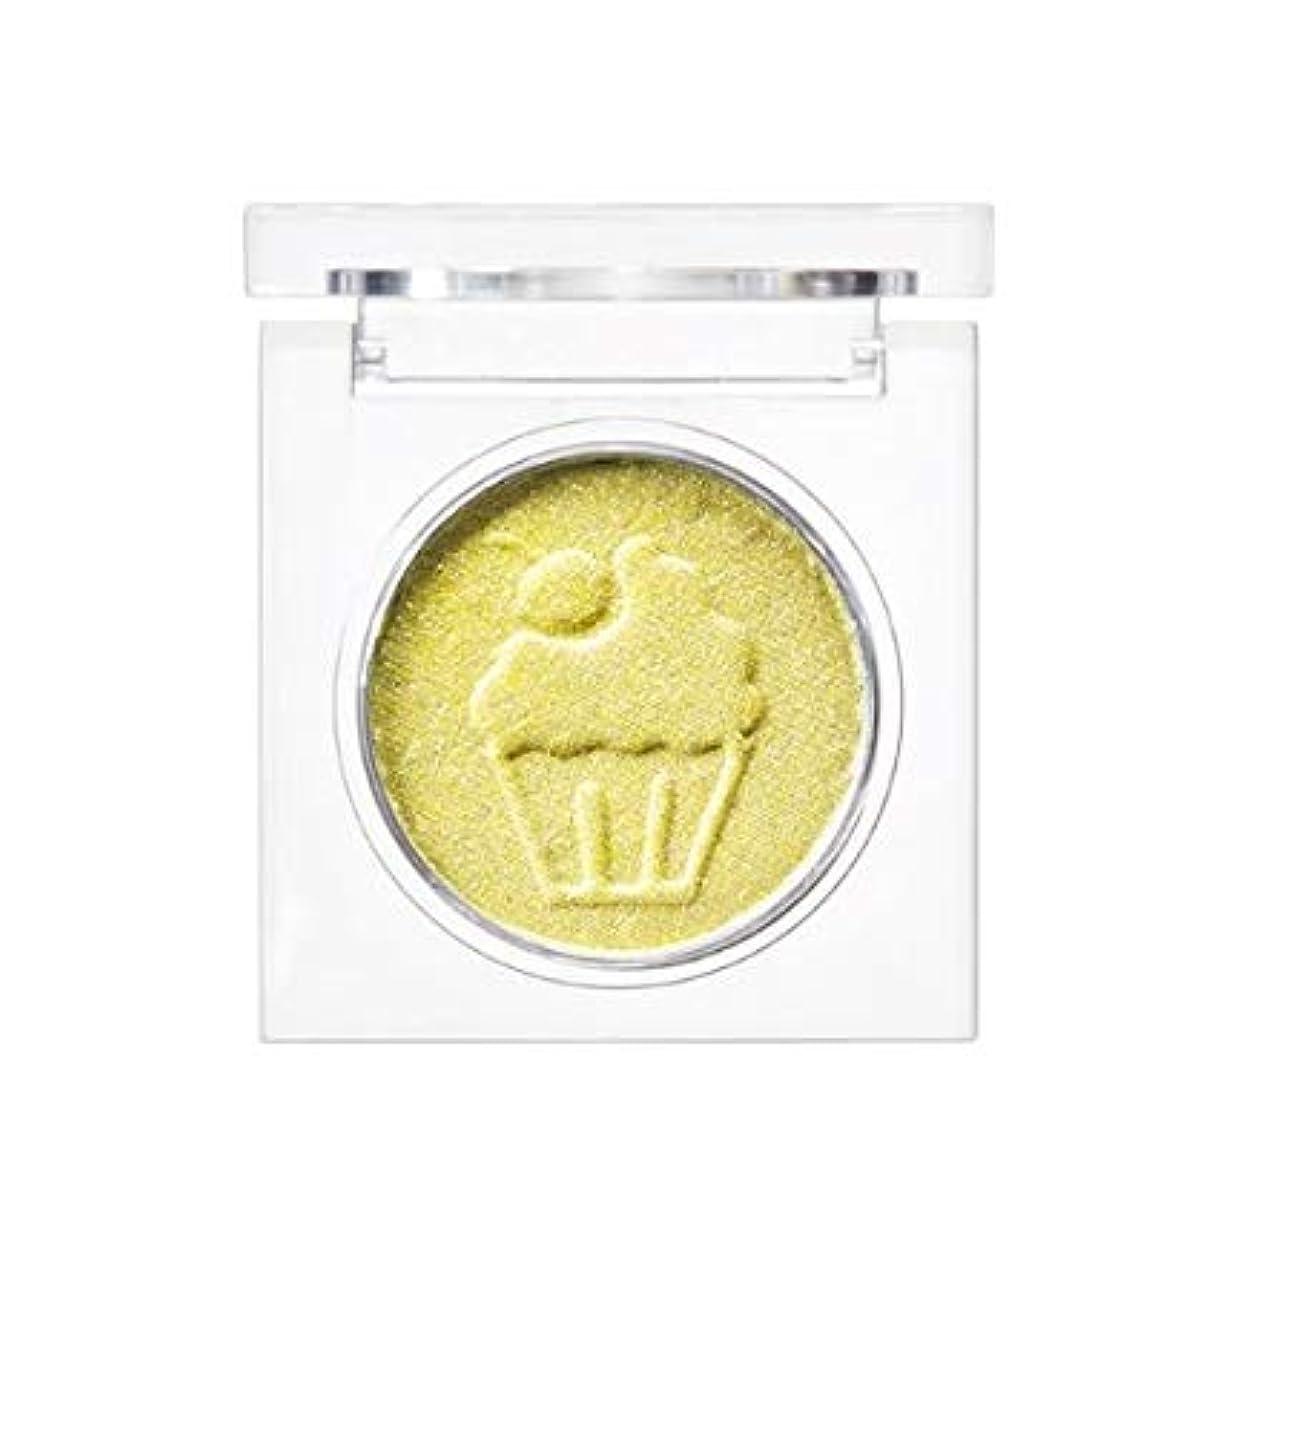 アドバイス涙スパンSkinfood 私のデザートパーティーアイシャドウ#G02ライムプリン / My Dessert Party Eyeshadow #G02 Lime Pudding [並行輸入品]